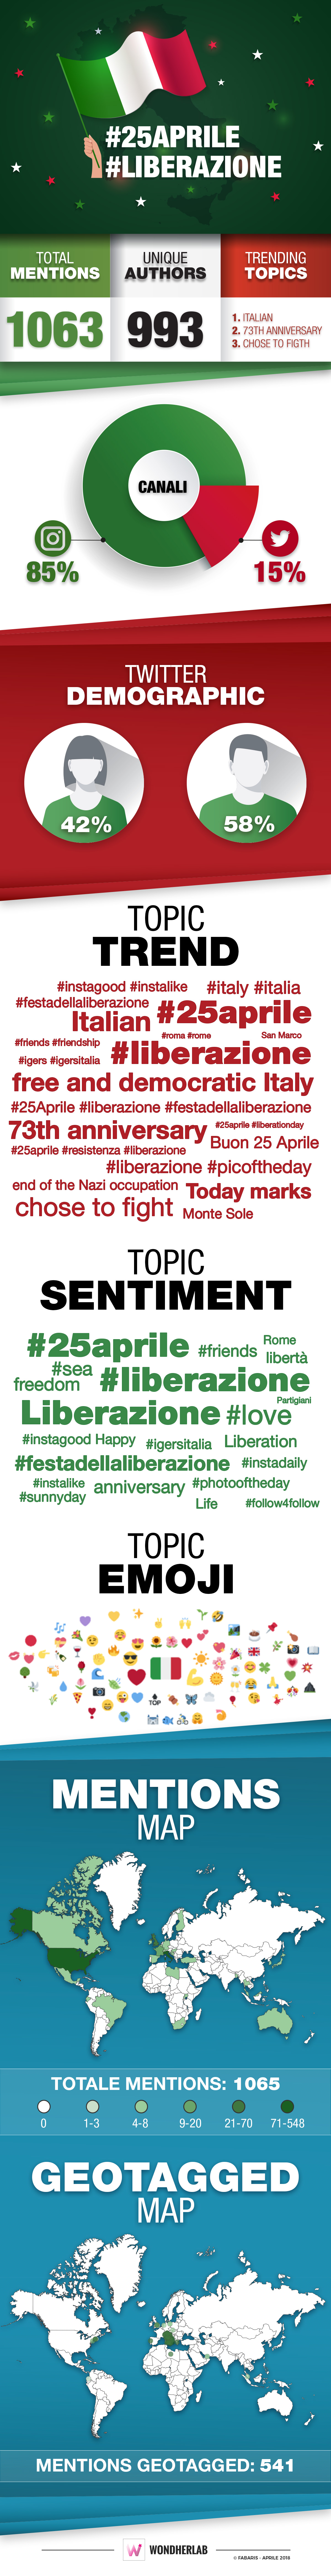 25 Aprile: festa della Liberazione e social network